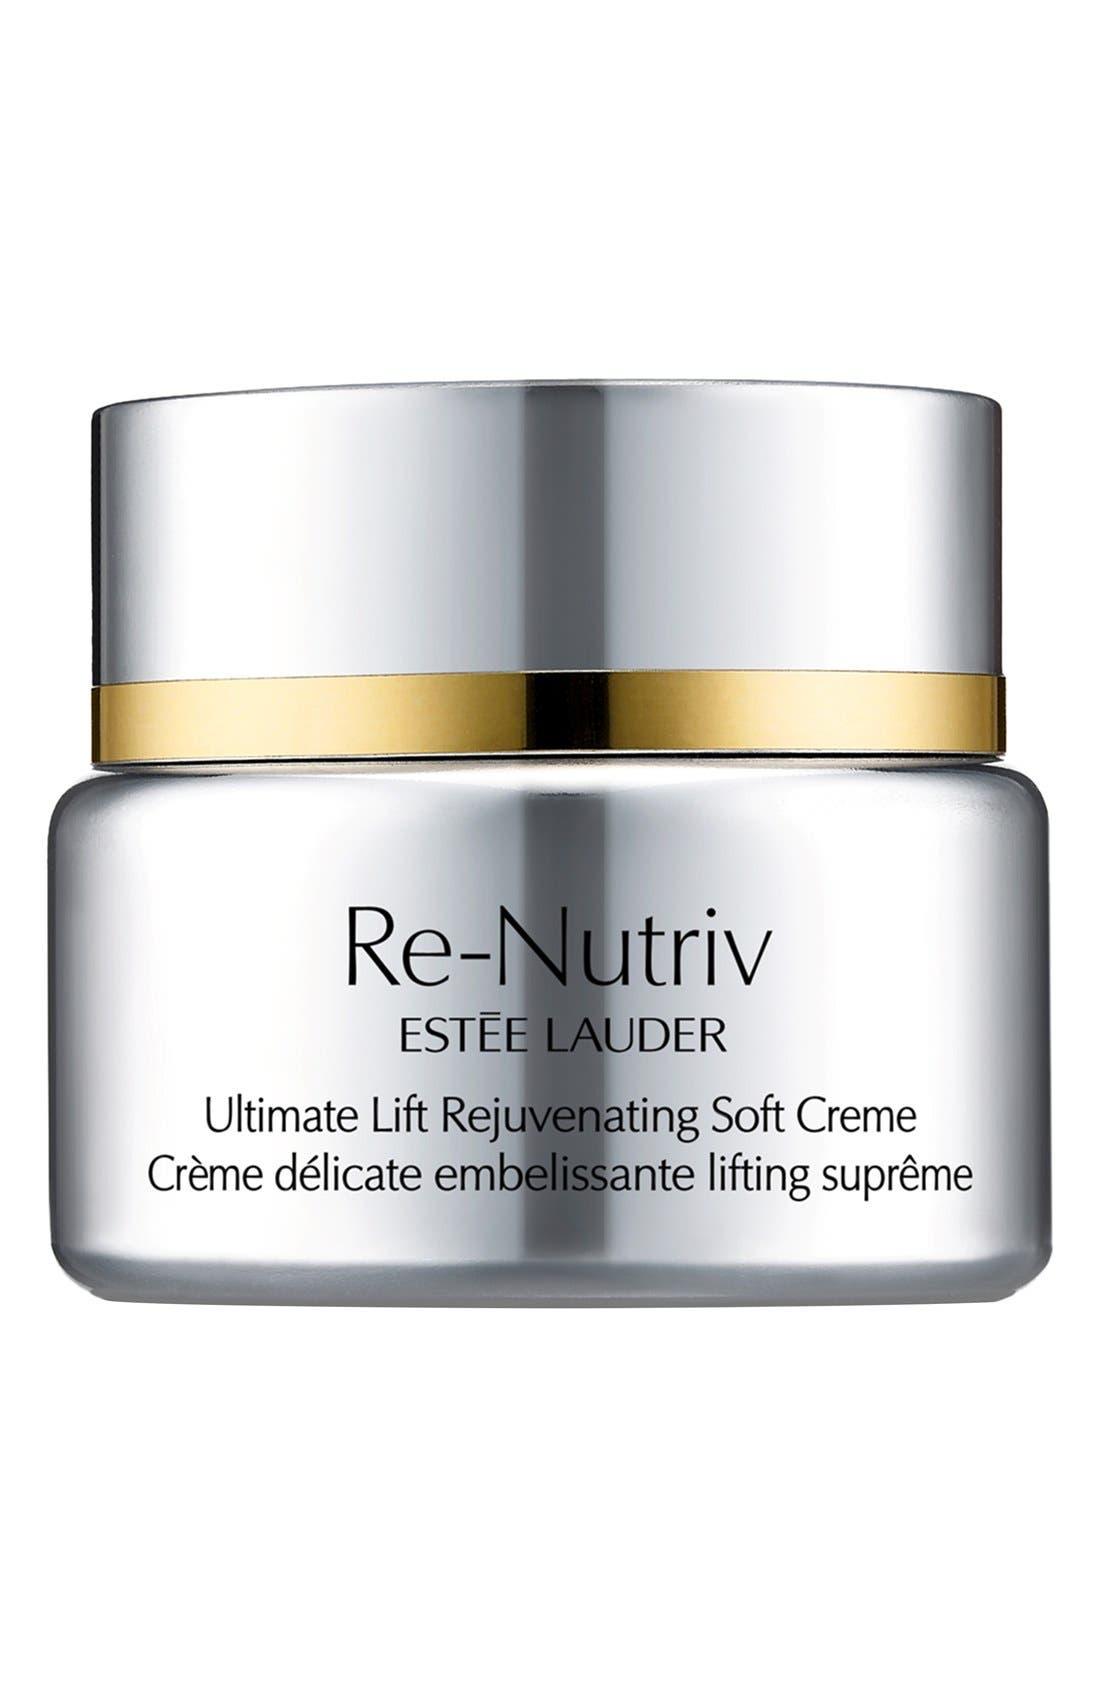 Re-Nutriv Ultimate Lift Rejuvenating Soft Crème,                             Main thumbnail 1, color,                             000